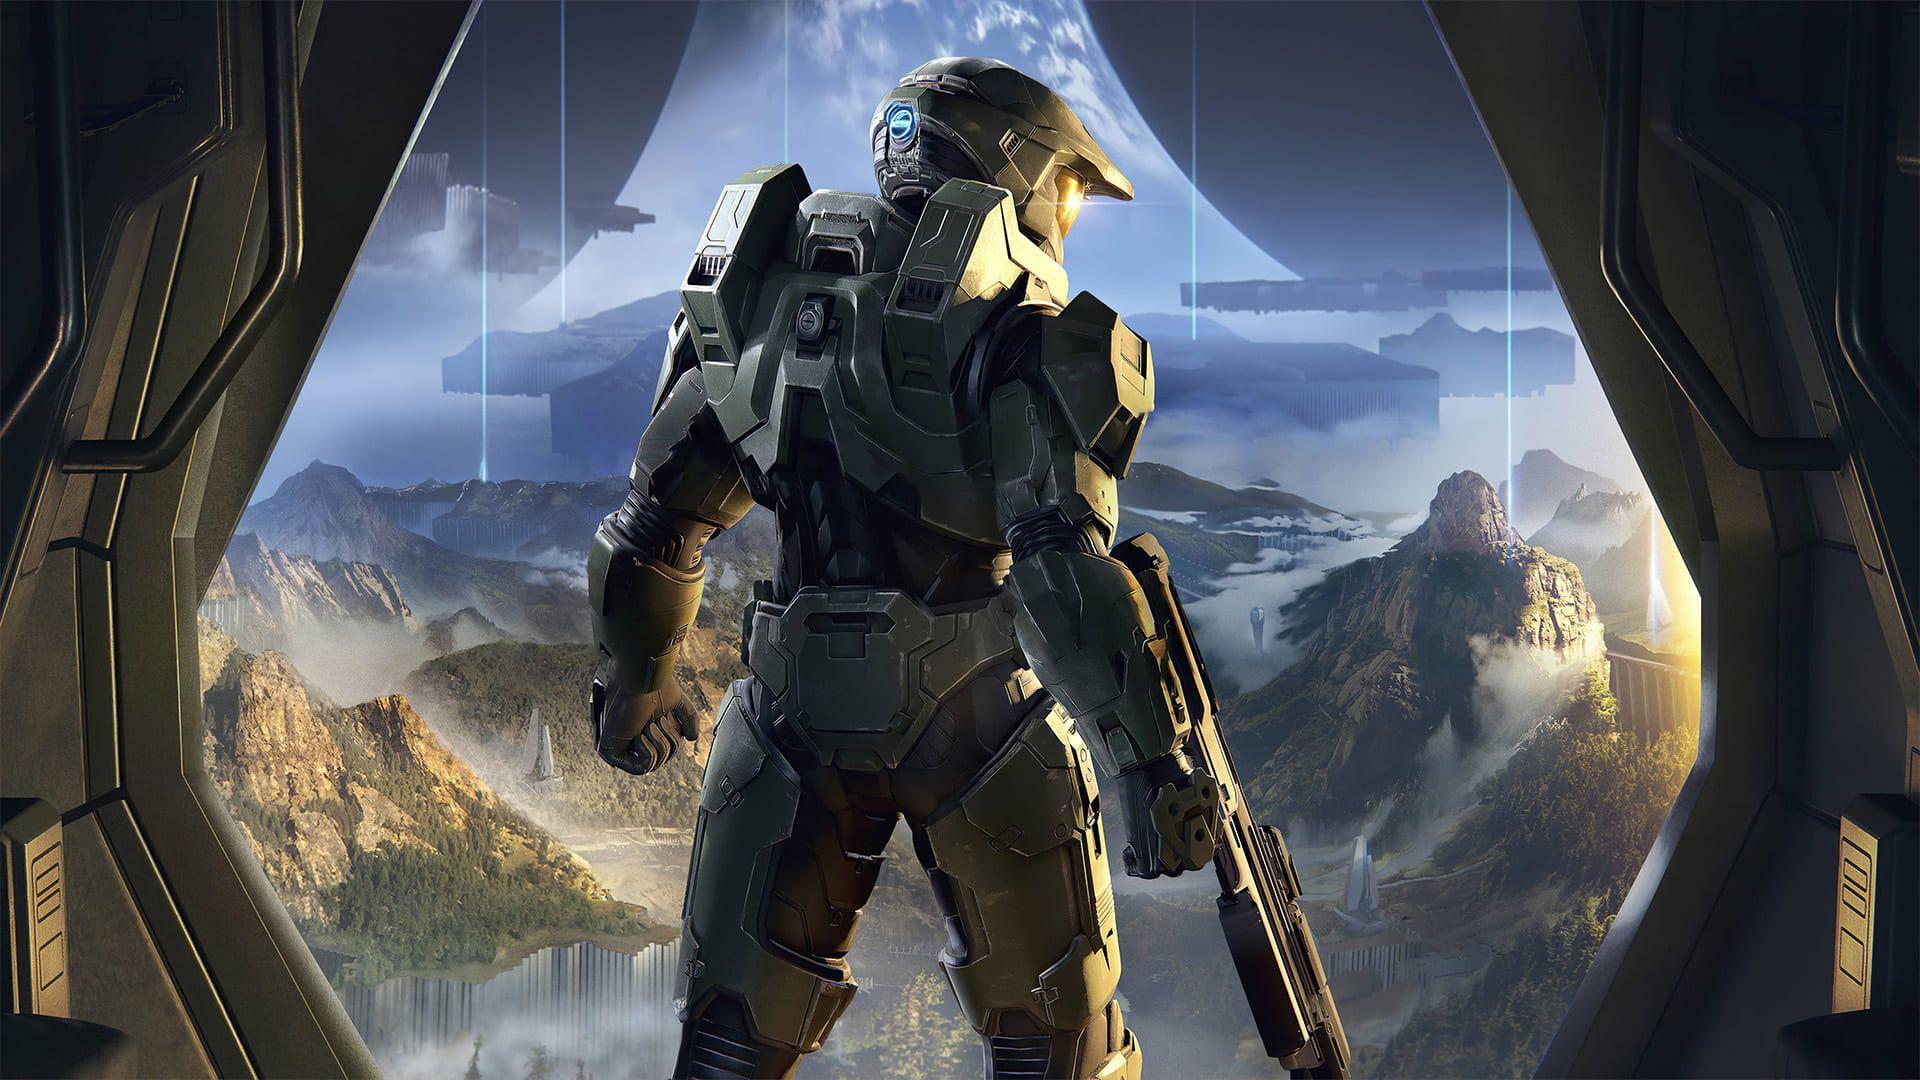 Halo Infinte seria lançado junto ao Series X, mas foi adiado para 2021. (Foto: Divulgação/Microsoft)